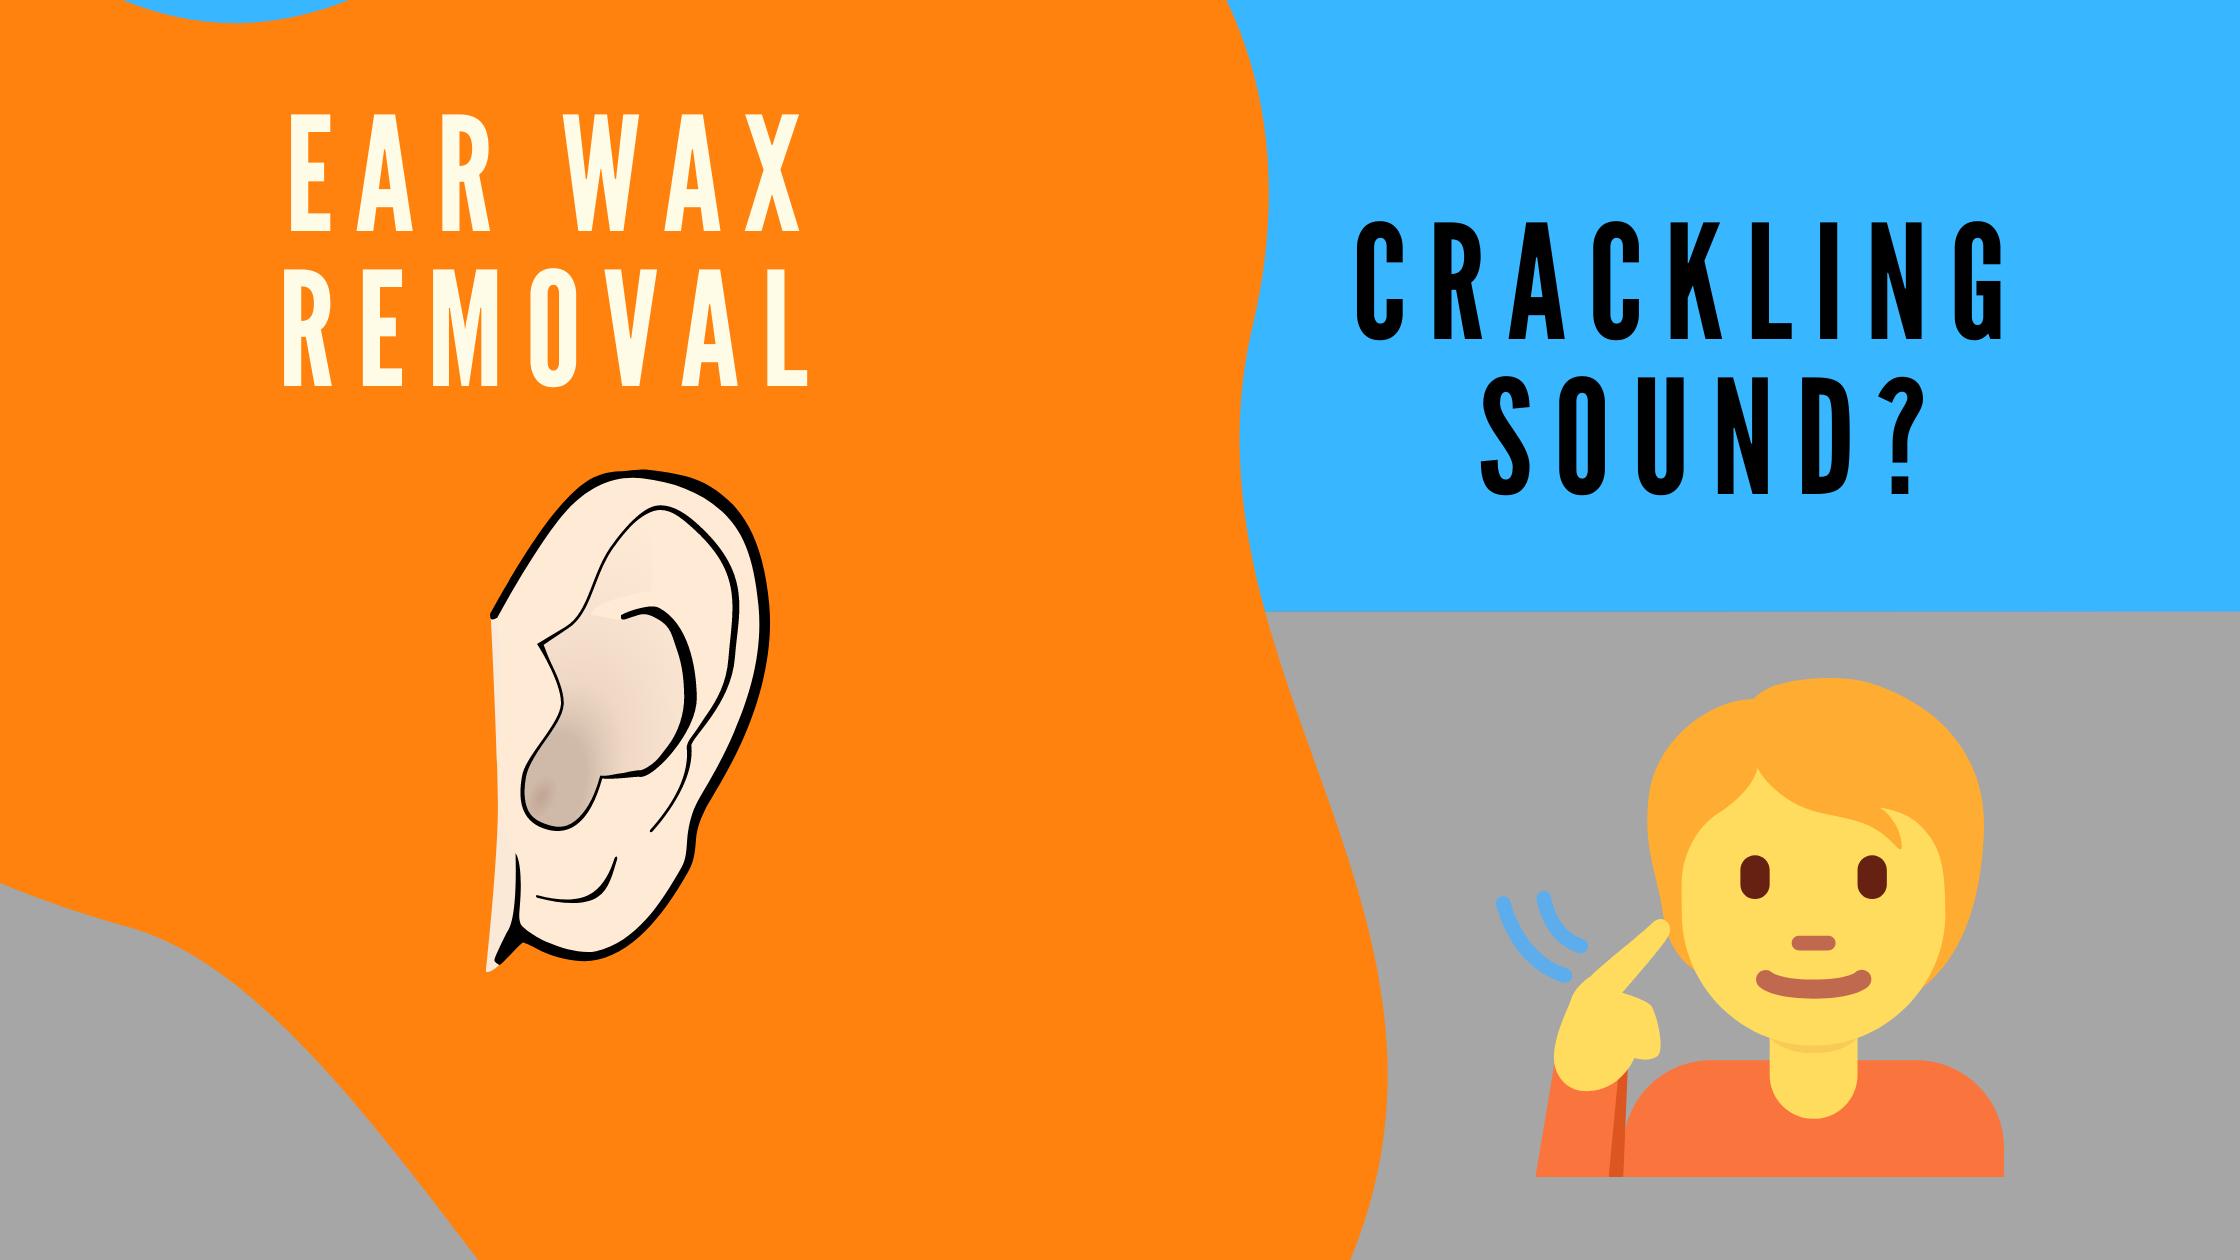 Debrox crackling sound